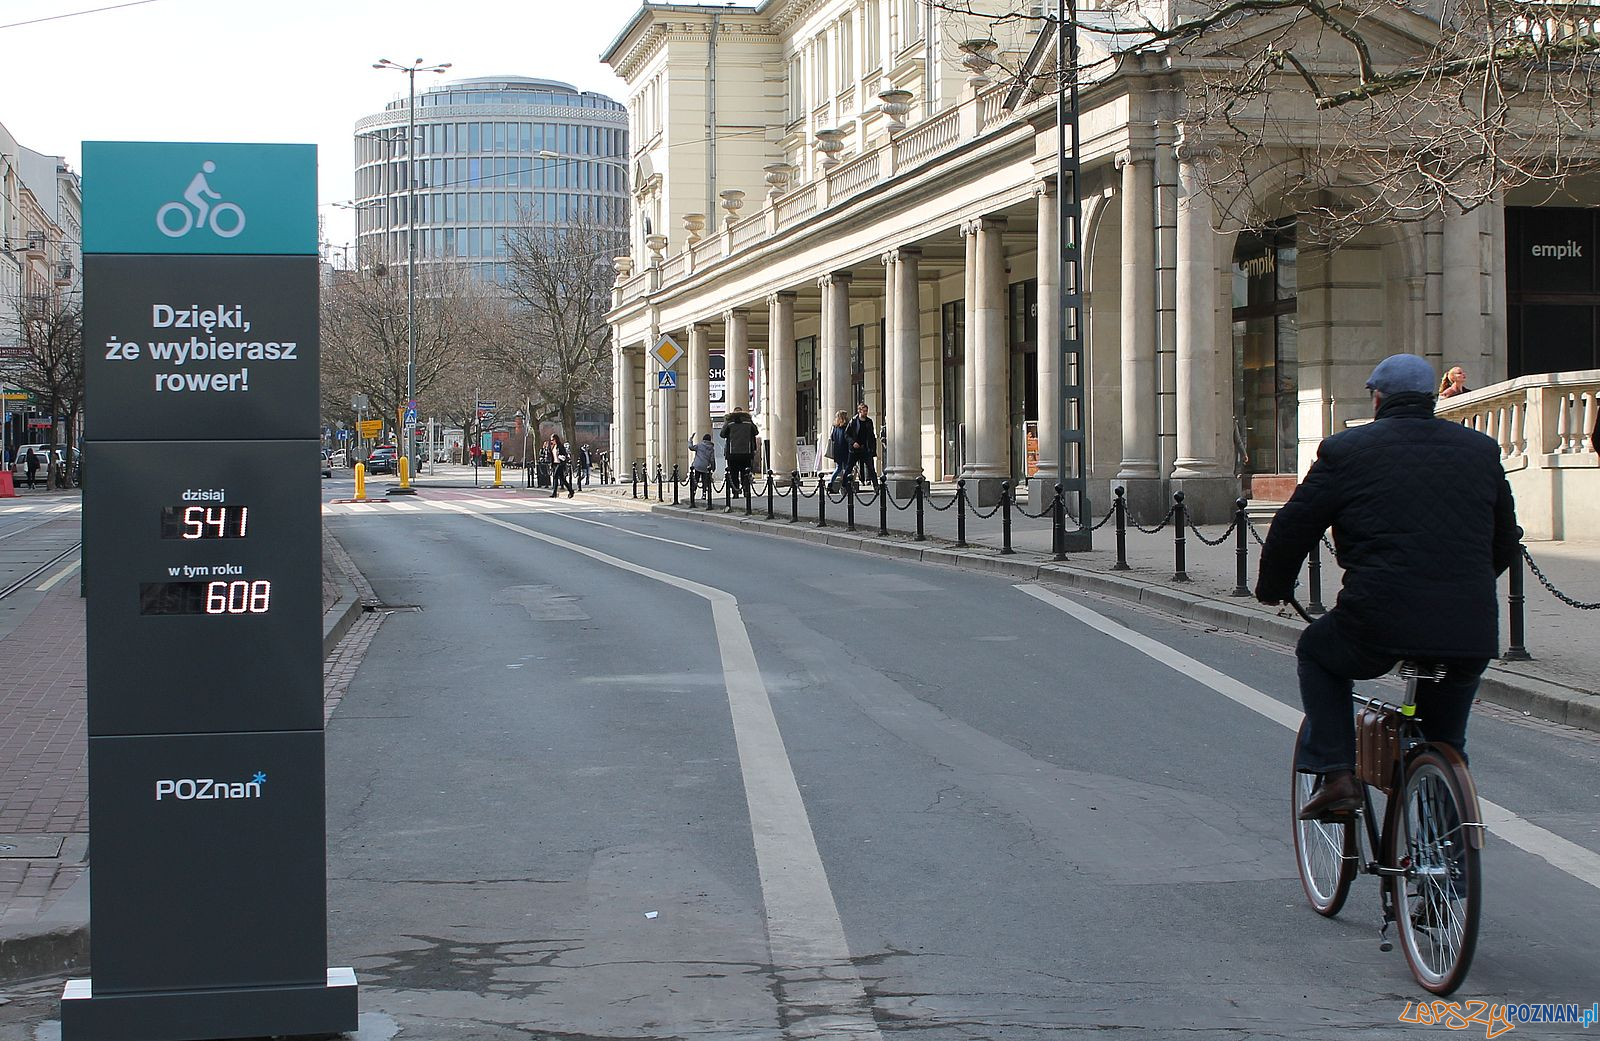 Licznik rowerowy przy Placu Wolności  Foto: Tomasz Dworek